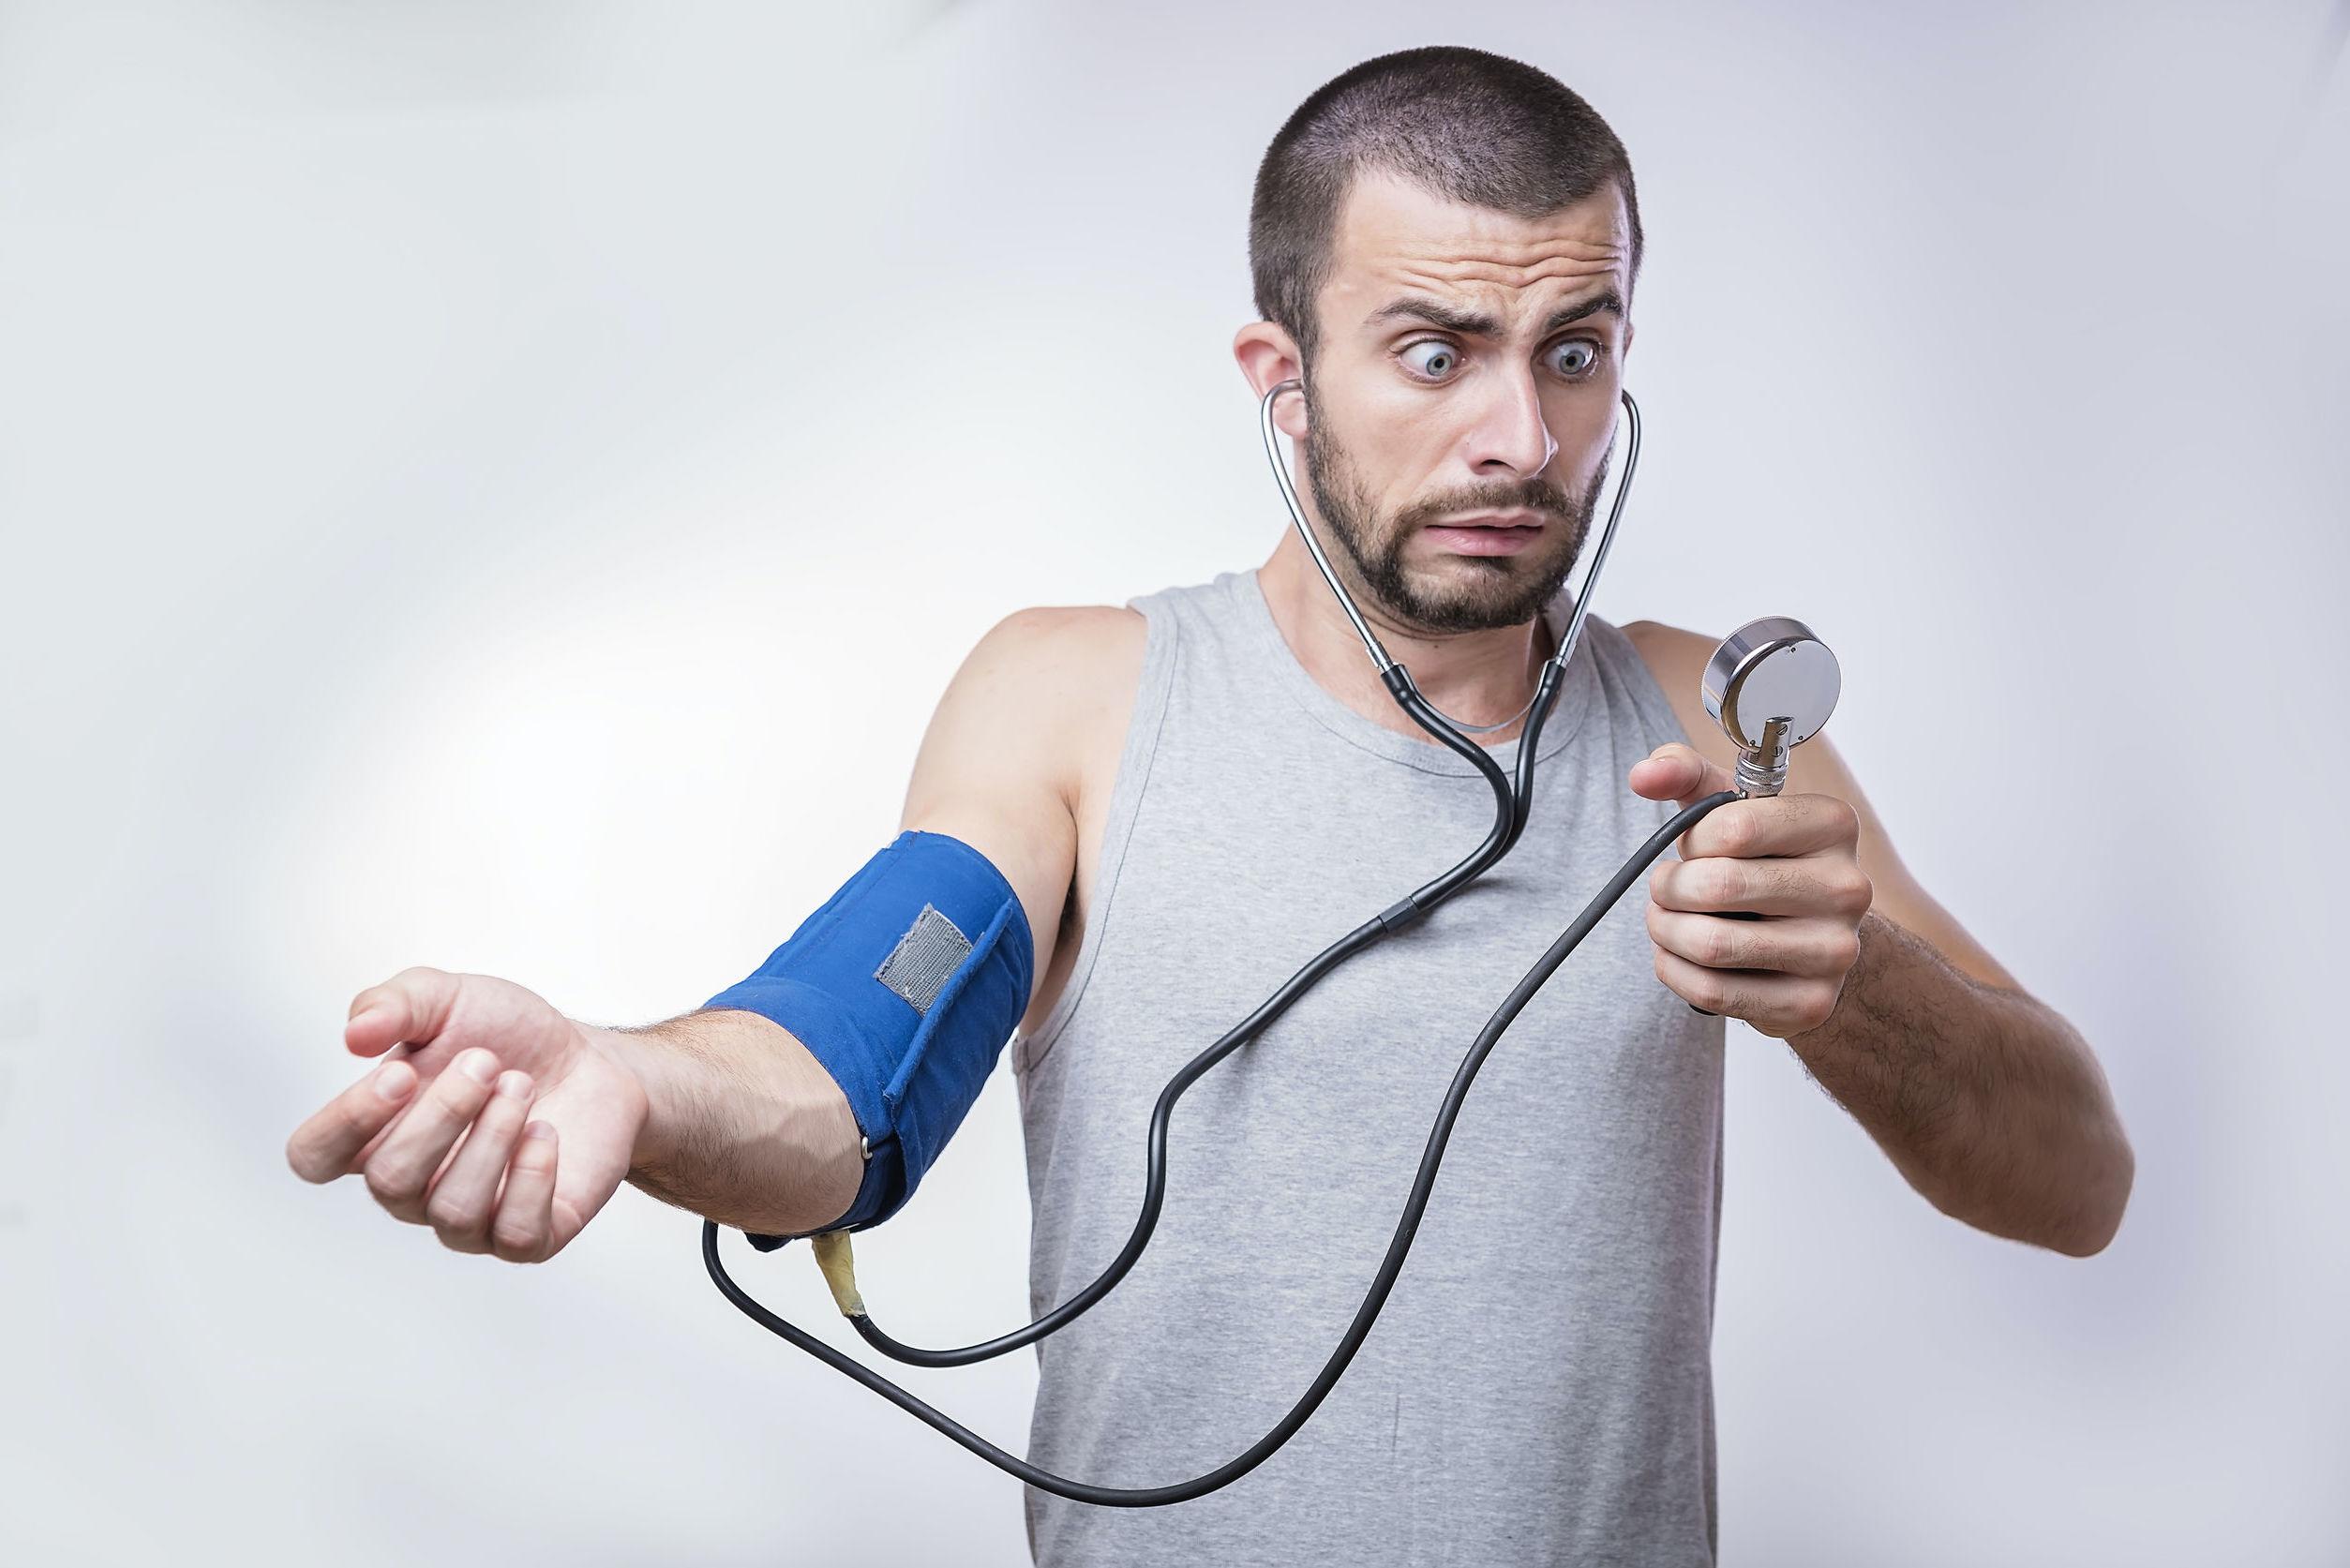 magas vérnyomás és sport